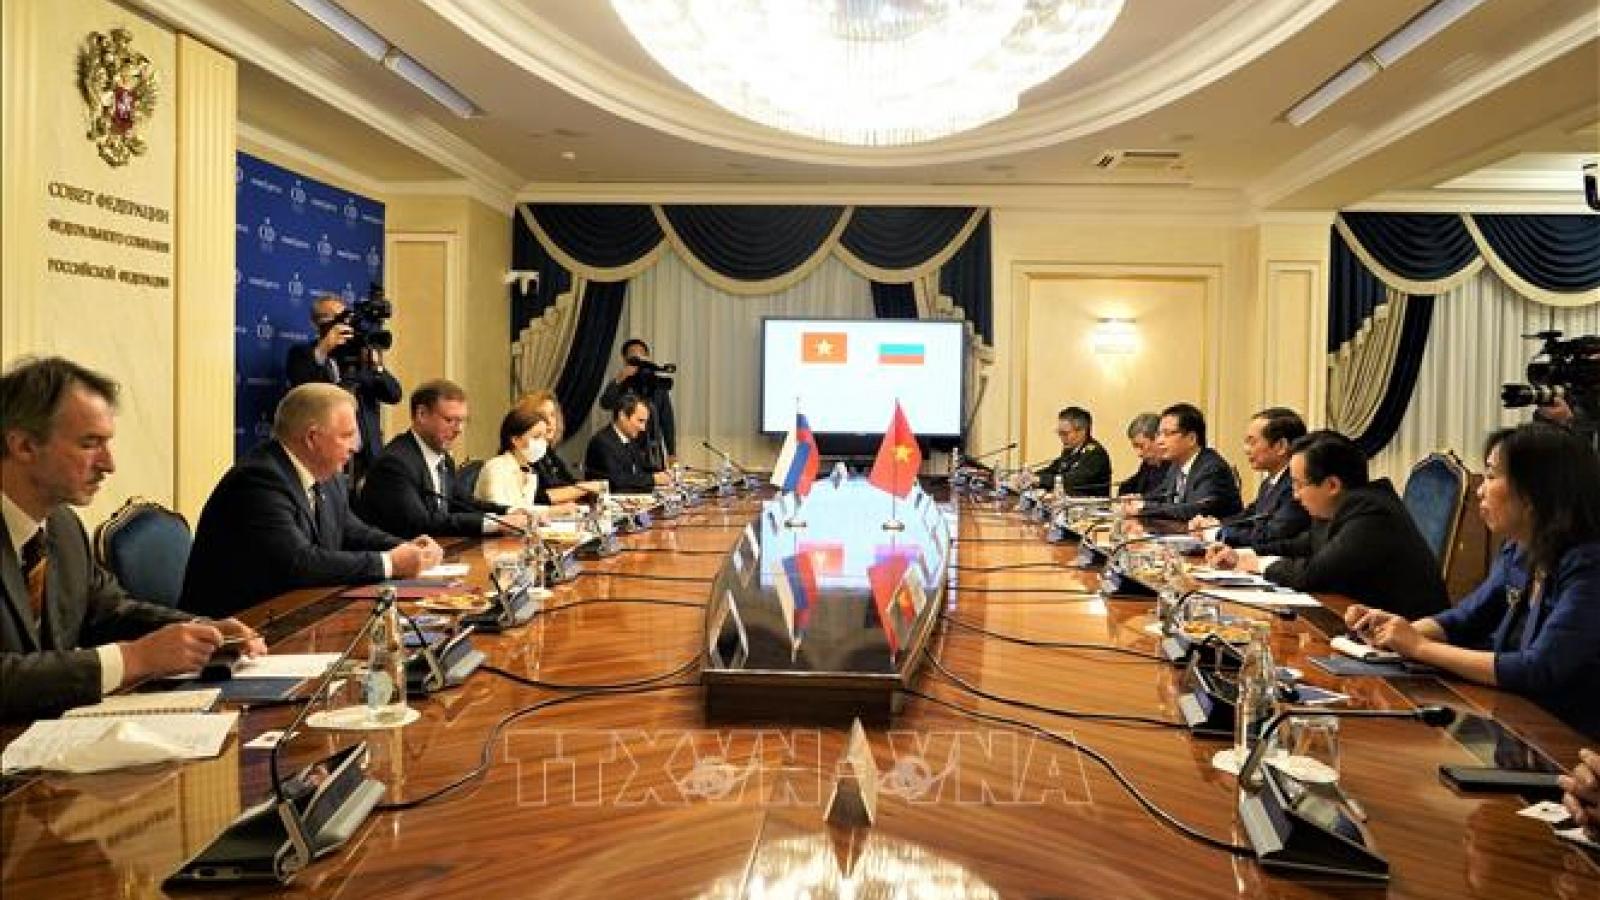 Bộ trưởng Ngoại giao Bùi Thanh Sơn và Bộ trưởng Ngoại giao Nga Sergei Lavrov hội đàm